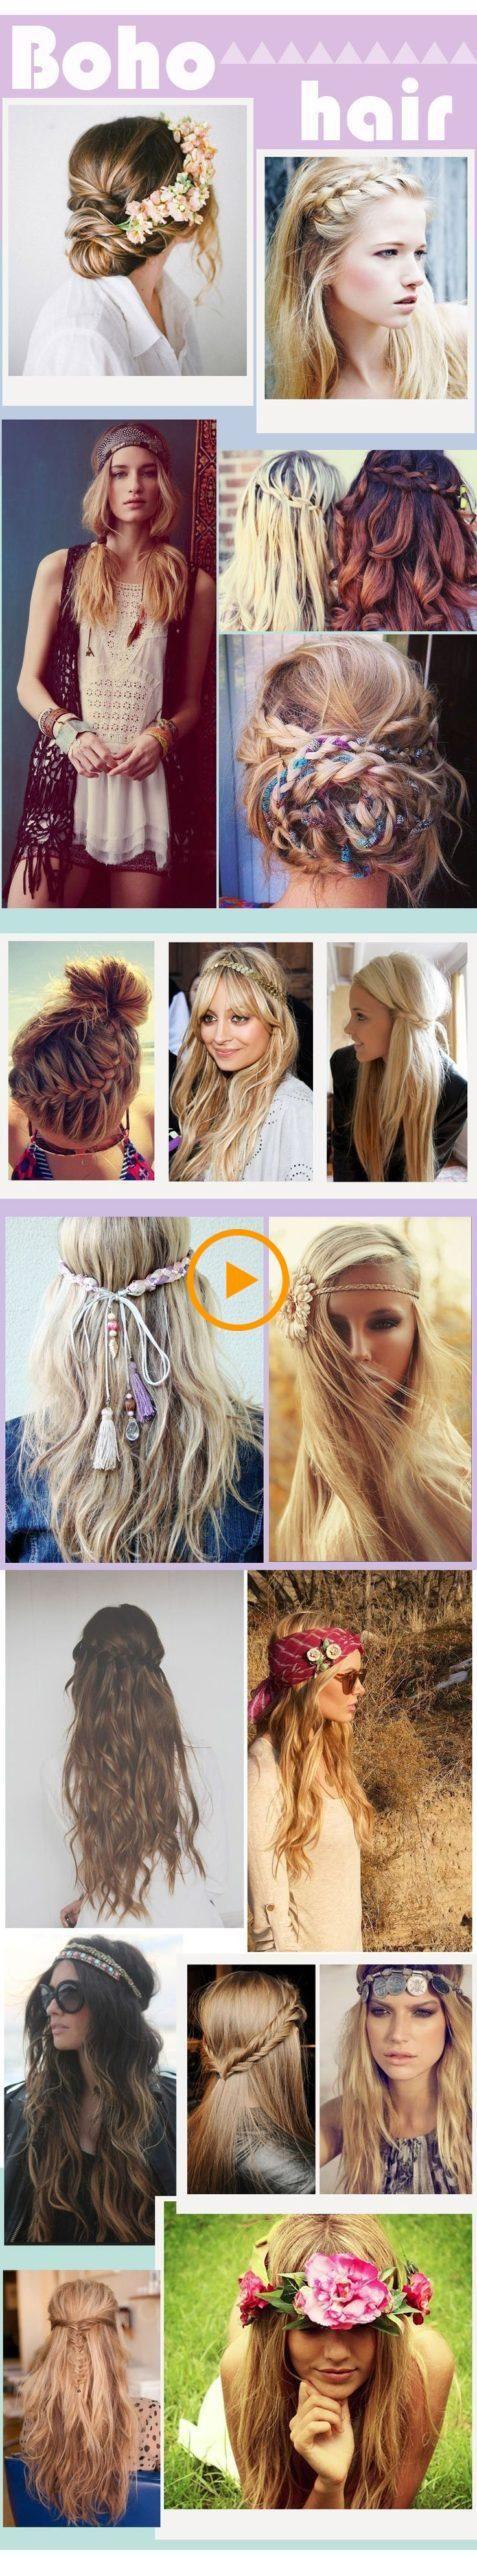 #Boho #Boho Peinado #Peinados #Ideas 34 Peinados Boho Ideas que quiero …